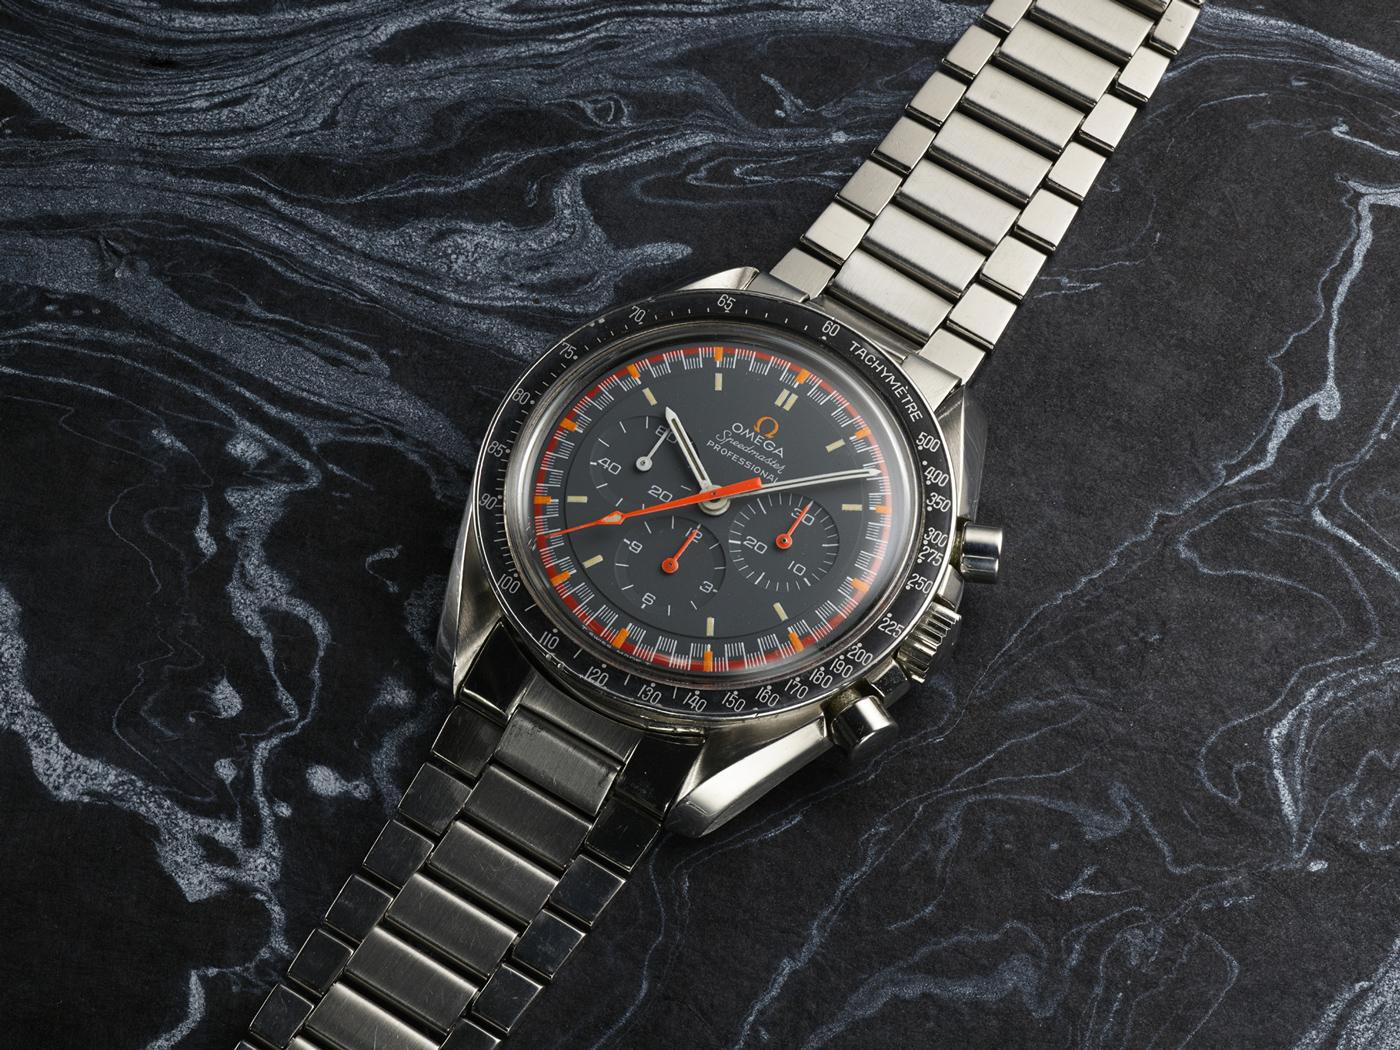 1968-Speedmaster_racingDial-1